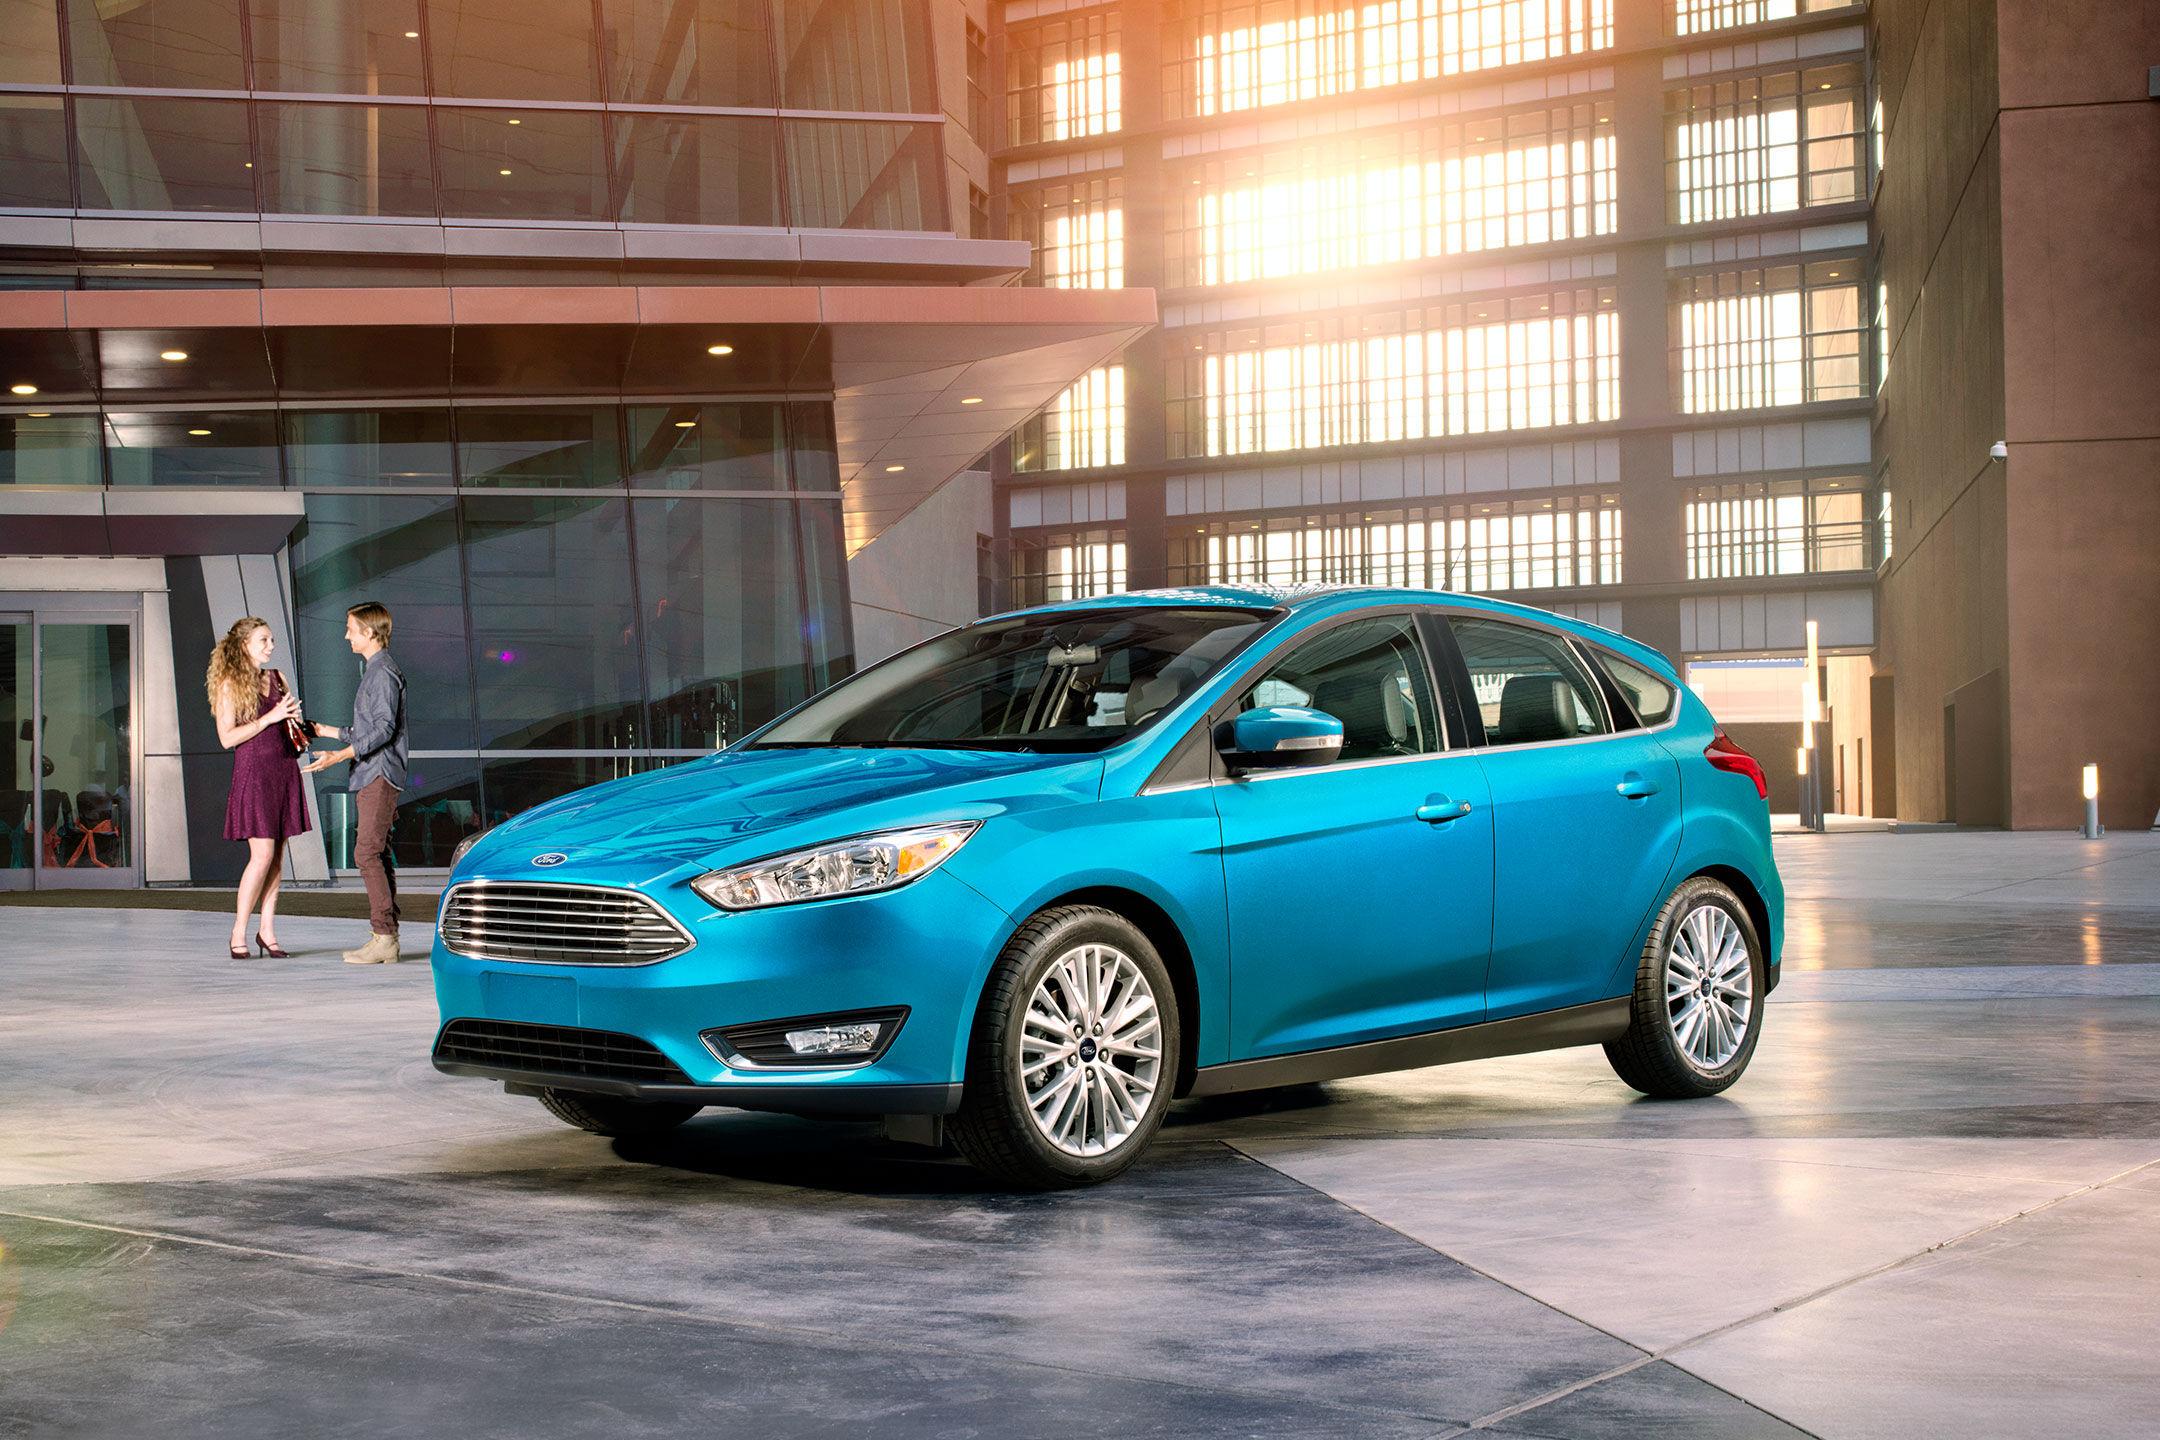 2017 ford focus hatchback blue candy